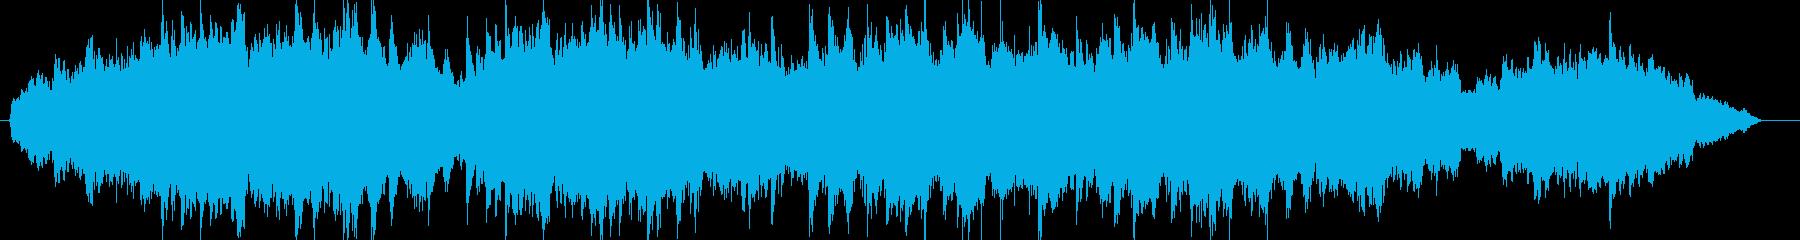 弦と打楽器を使った禍々しいダンジョン曲の再生済みの波形